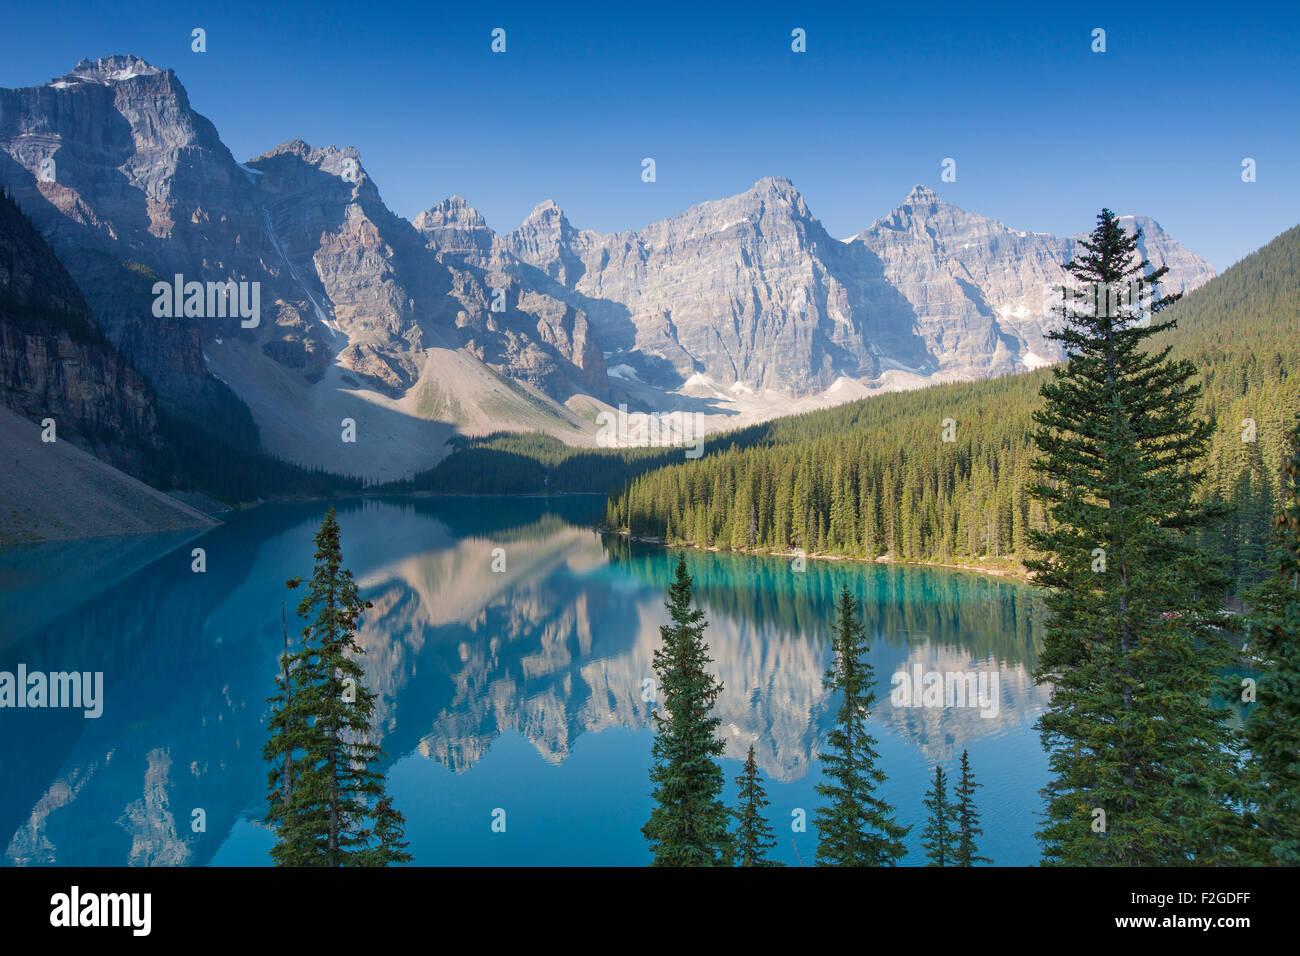 Morena glaciale Lago nella Valle dei Dieci Picchi, il Parco Nazionale di Banff, Alberta, Canada Immagini Stock